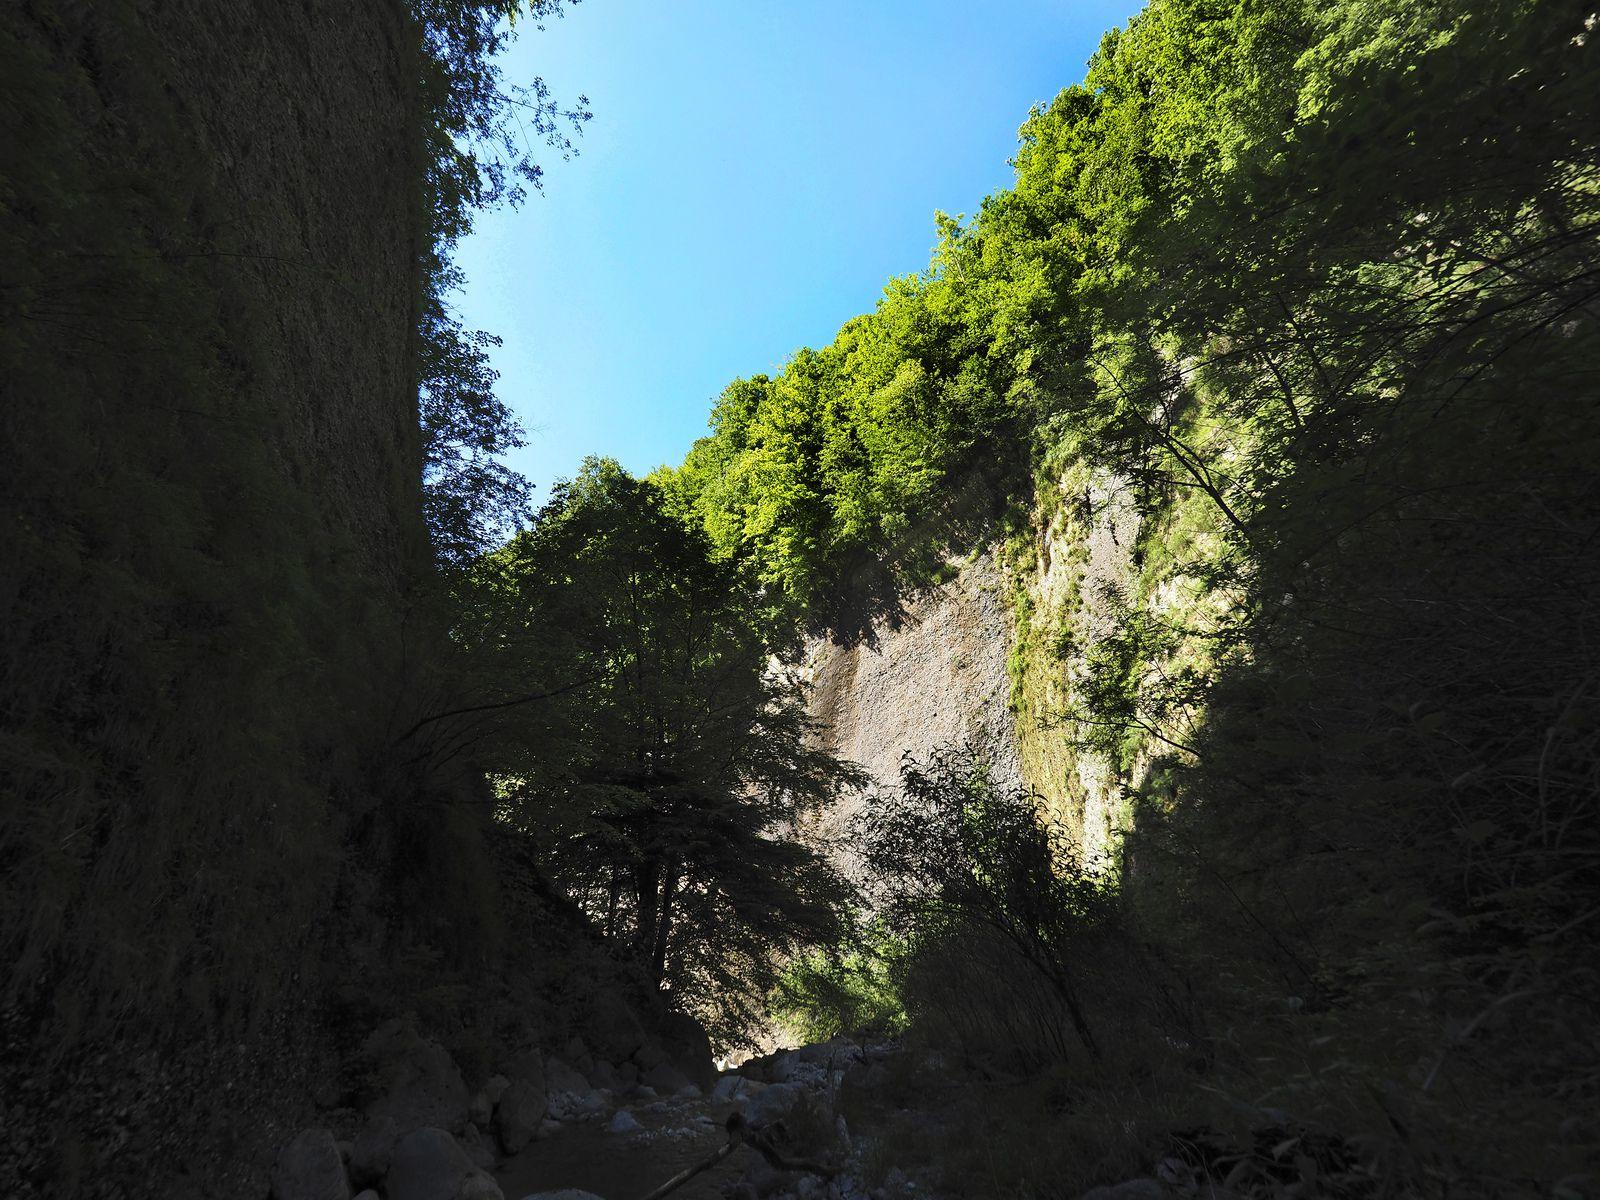 Les falaises de poudingue de la partie supérieure et de la rive droite sont au soleil l'après-midi.